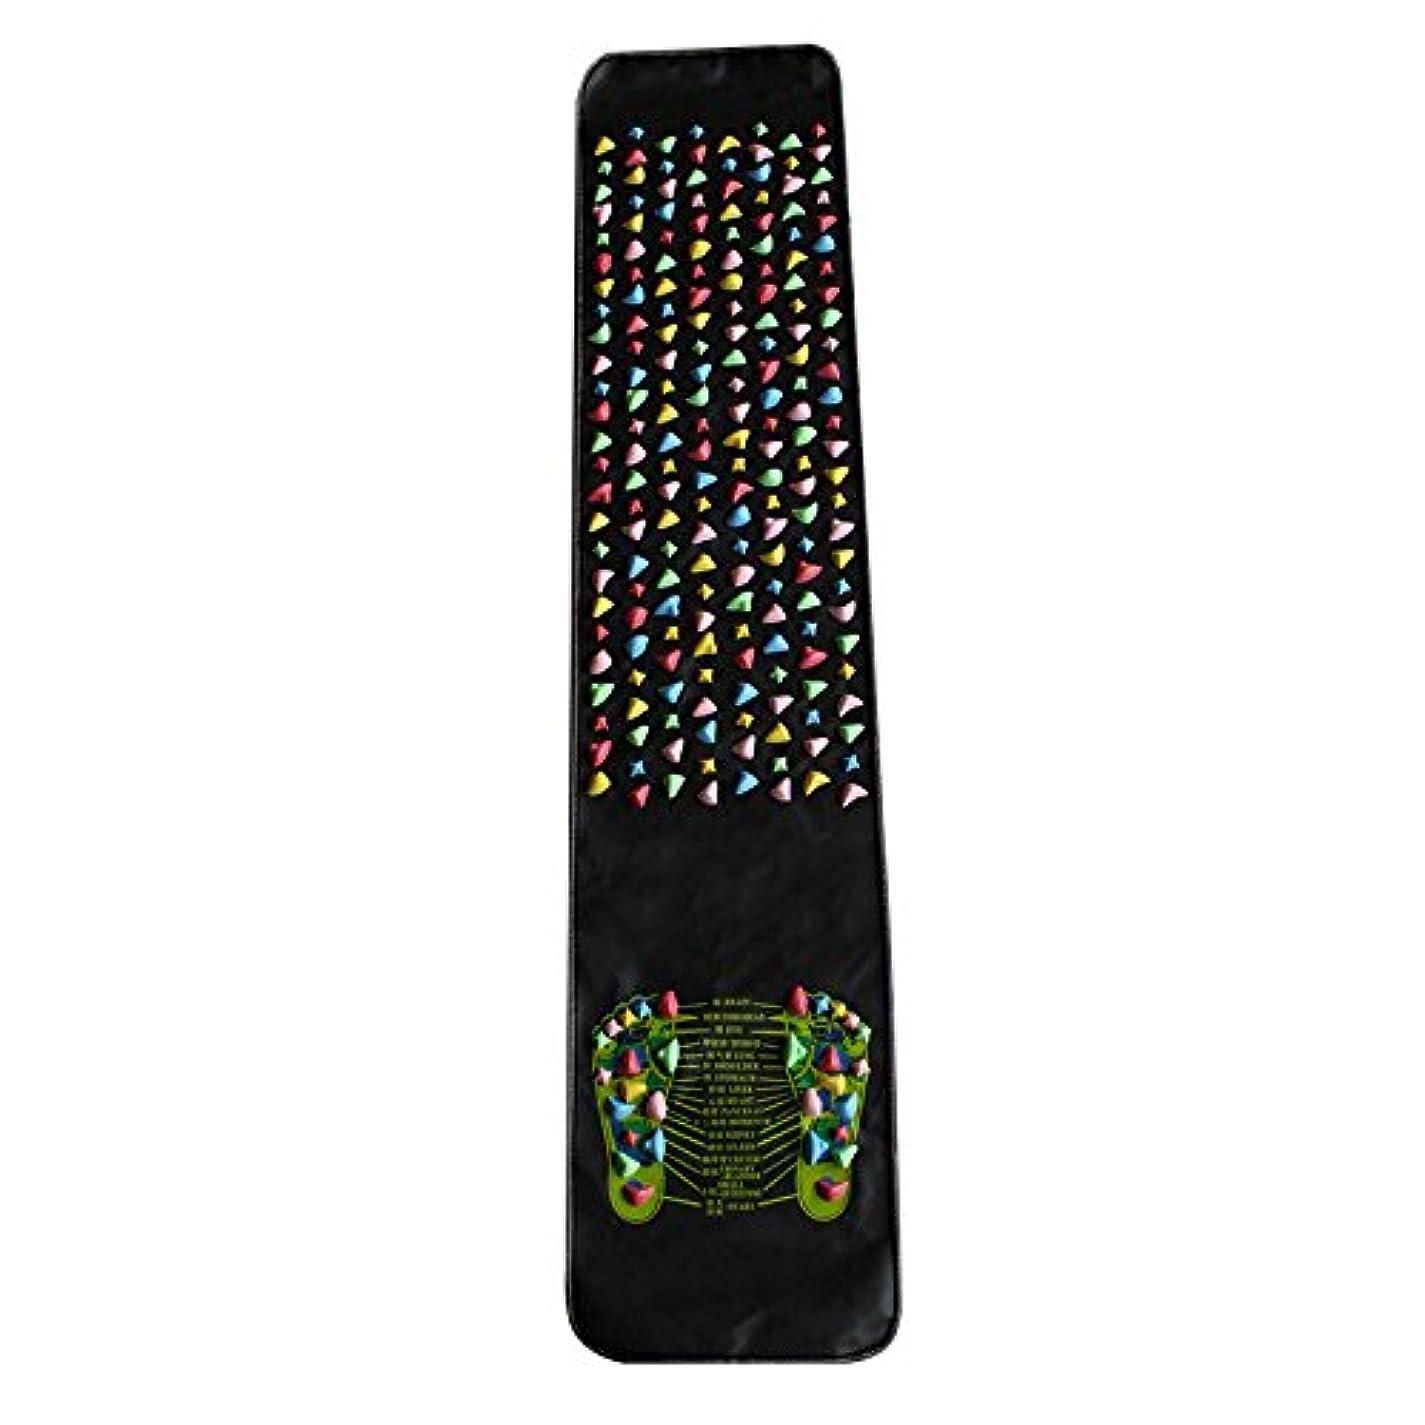 スリンクスリップシューズ大胆な健康足つマット, 足ツボ 刺激, 模造石畳の歩道室内運動, マッサージ 足裏 健康 ツボ刺激, 足のマッサージブランケット, 模造ペブルのマッサージパッド指圧板 (180CM*35CM)